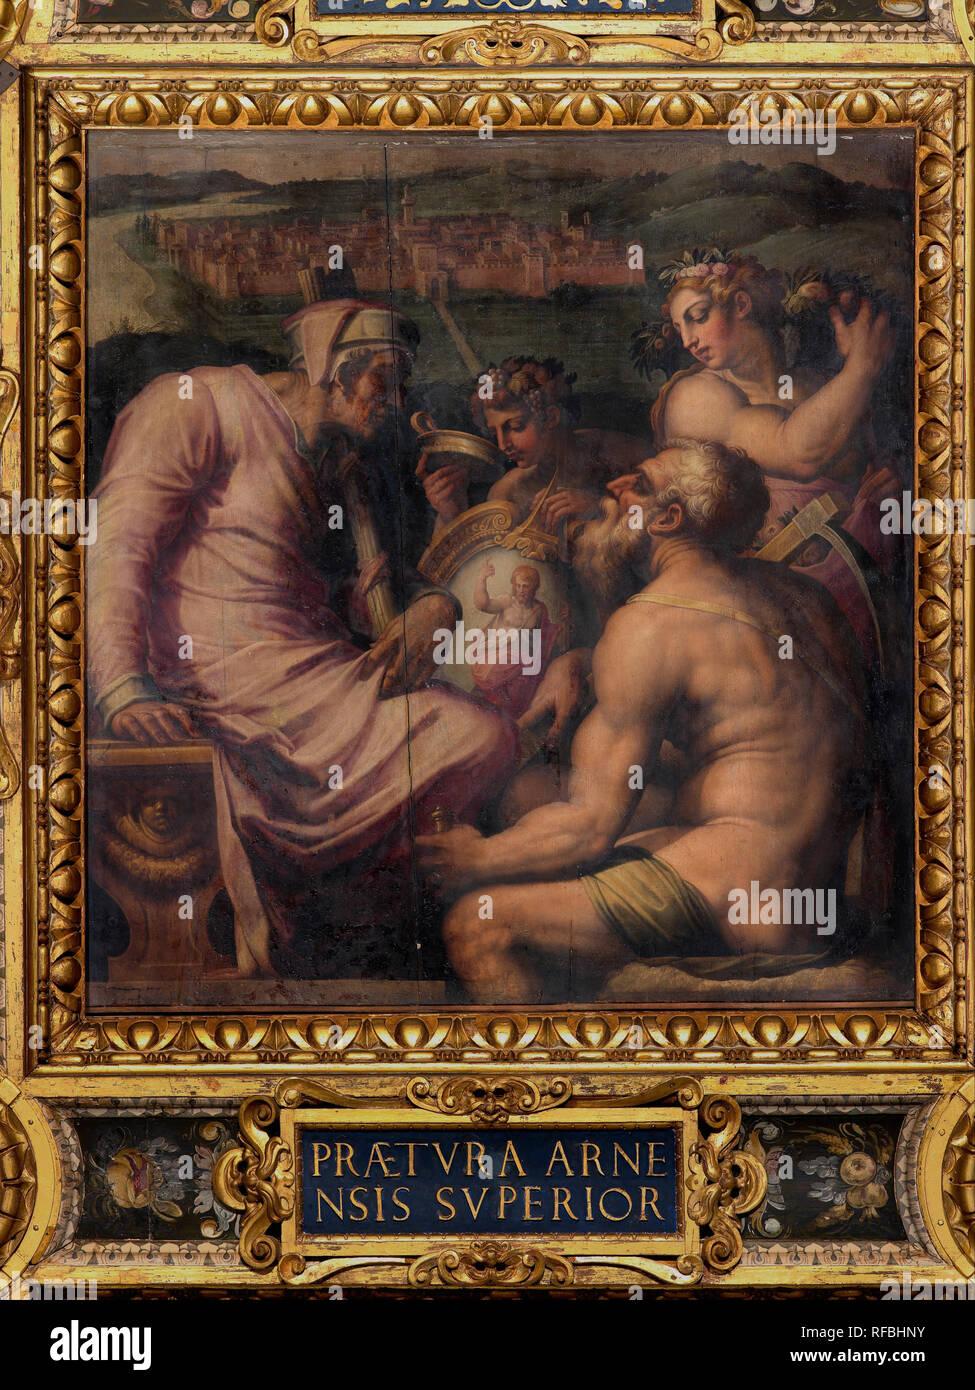 Allegoria di San Giovanni Valdarno. Data/Periodo: 1563 - 1565. Pittura Di Olio su legno. Altezza: 250 mm (9,84 in); larghezza: 250 mm (9,84 in). Autore: Giorgio Vasari. VASARI GIORGIO. Foto Stock